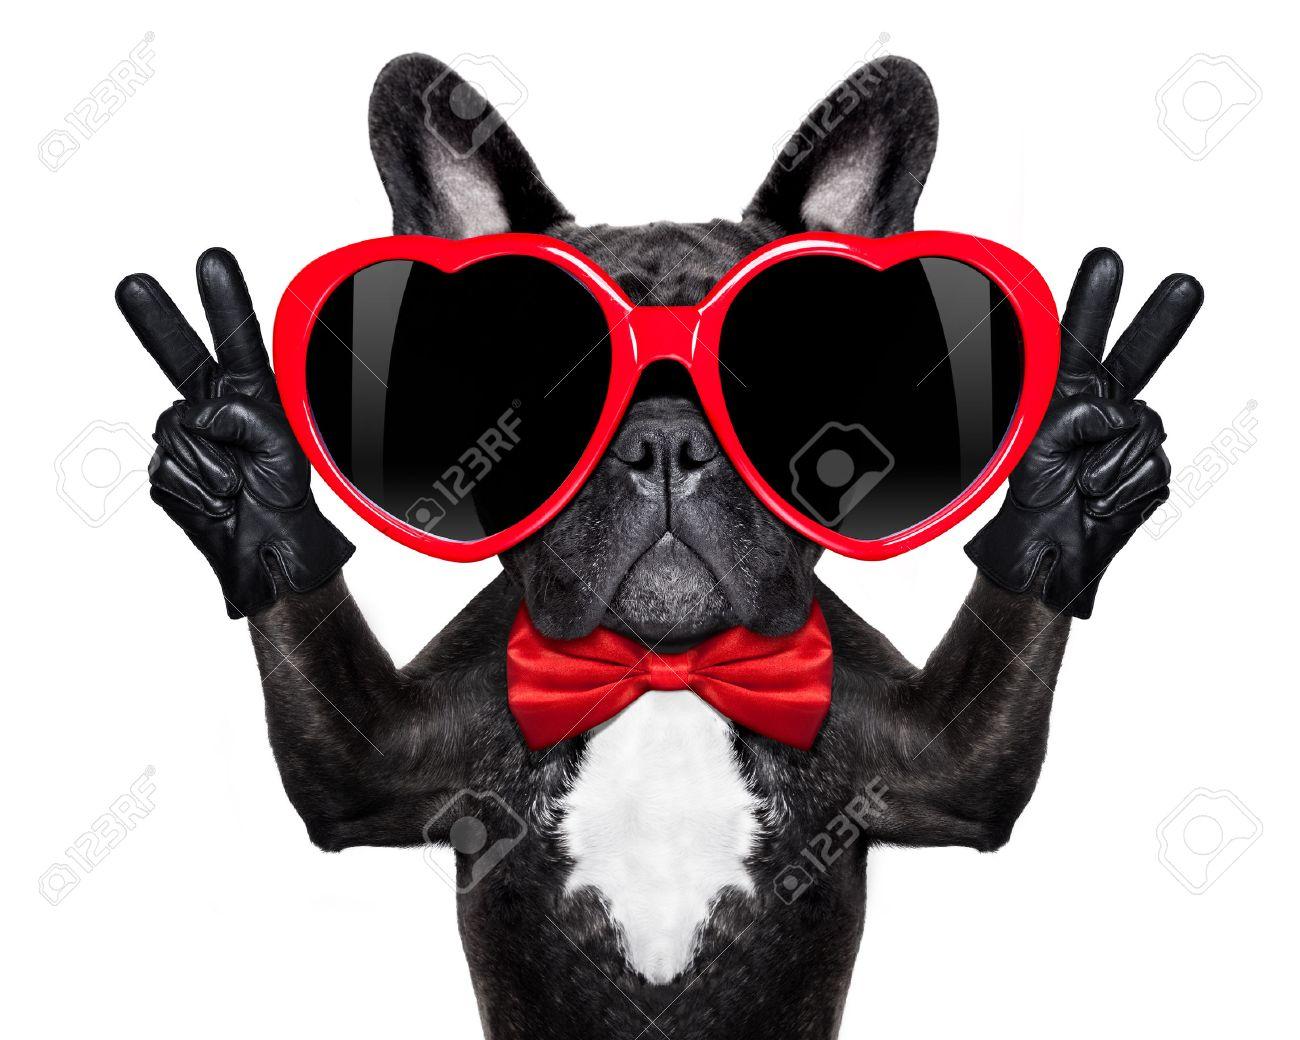 37161818-bouledogue-fran%C3%A7ais-chien-heureux-et-en-amour-montrant-doigts-de-paix-et-de-victoire-isol%C3%A9-sur-fond-blan.jpg